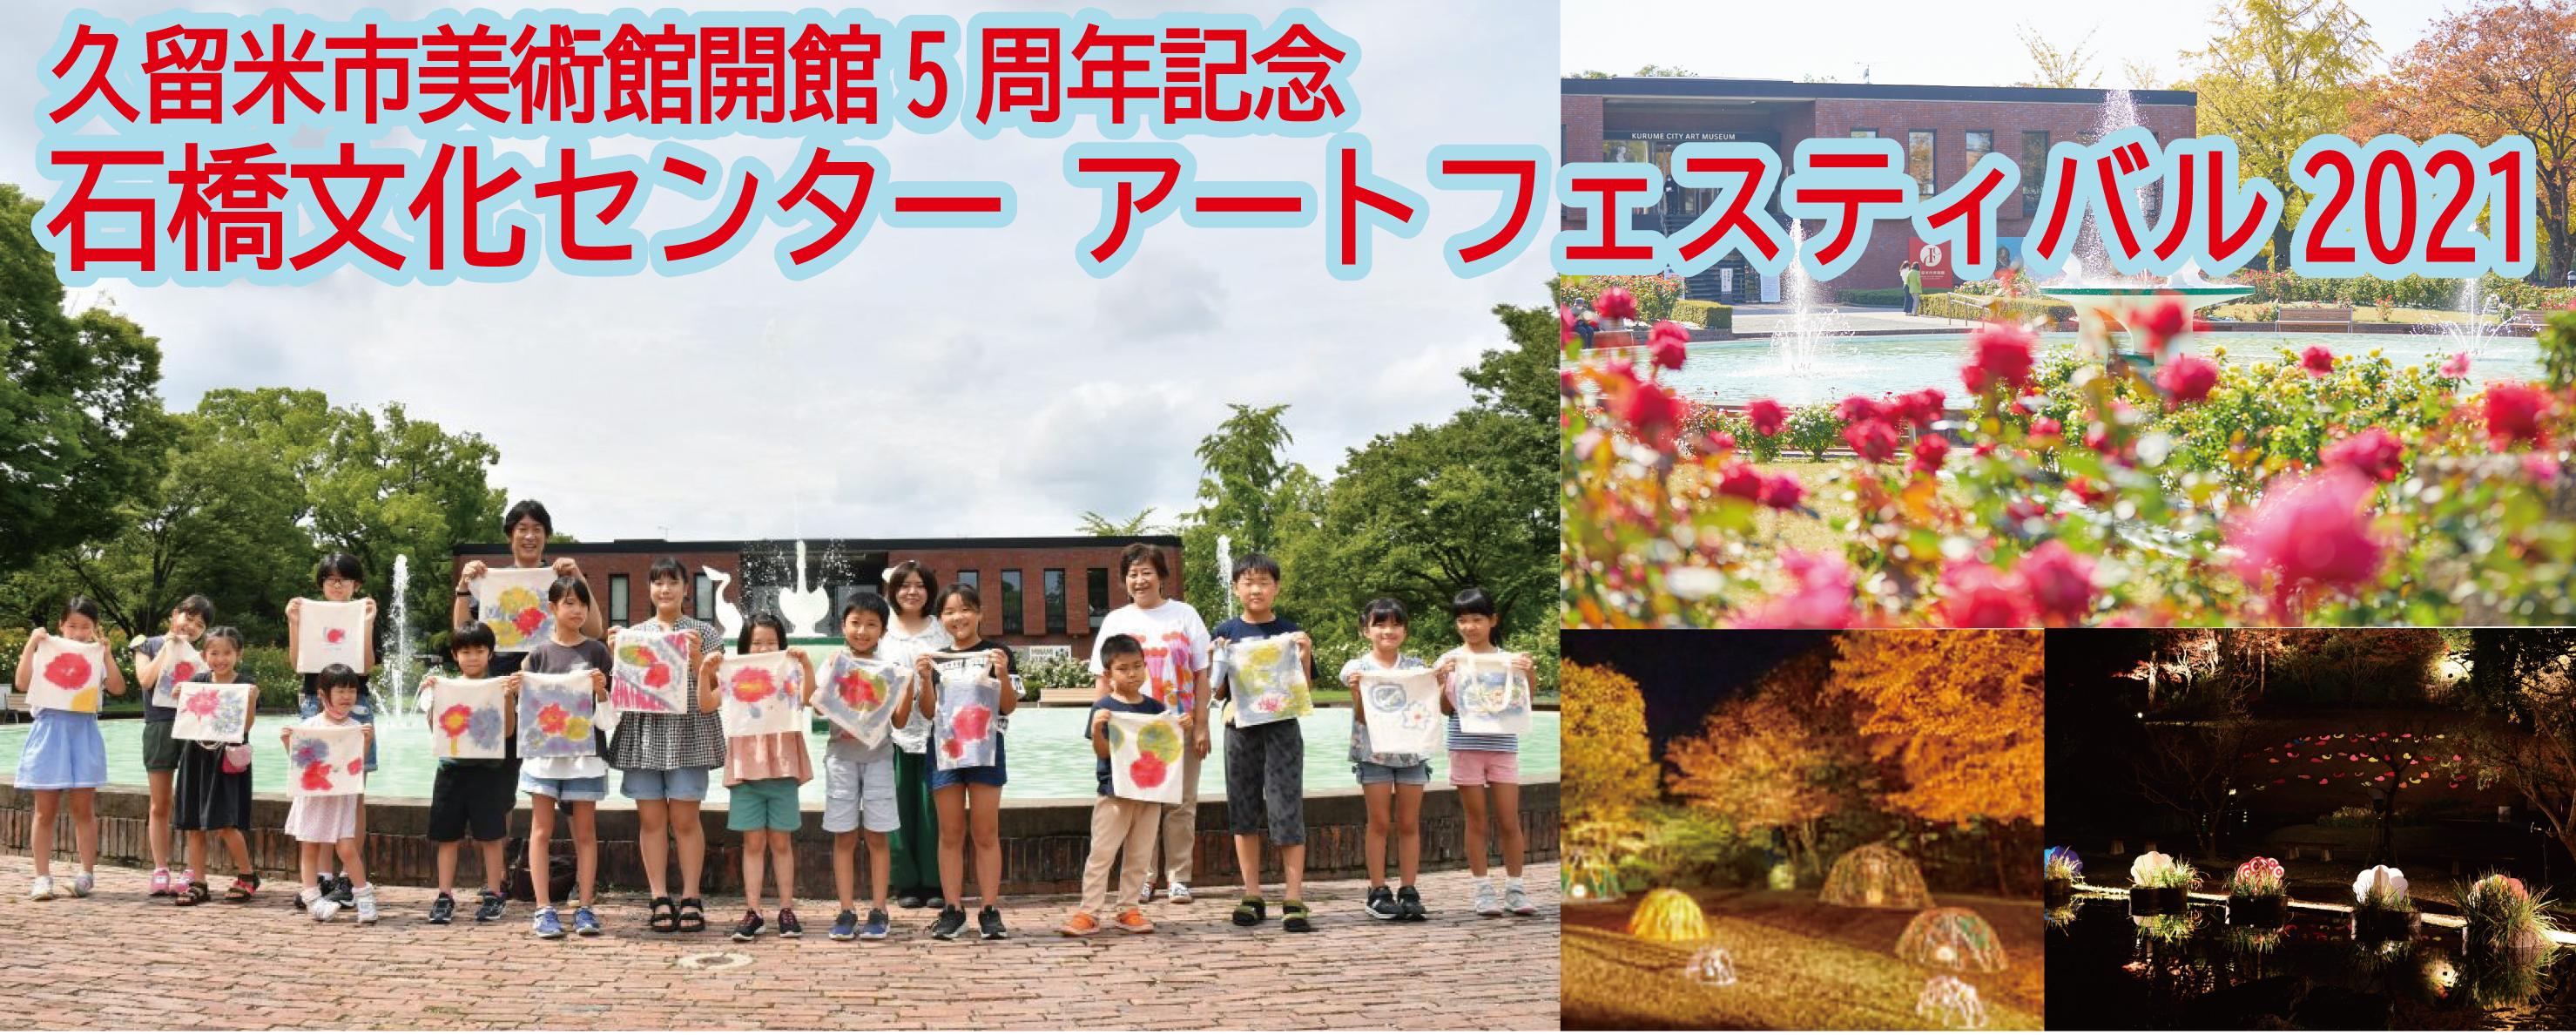 石橋文化センター アートフェスティバル2021